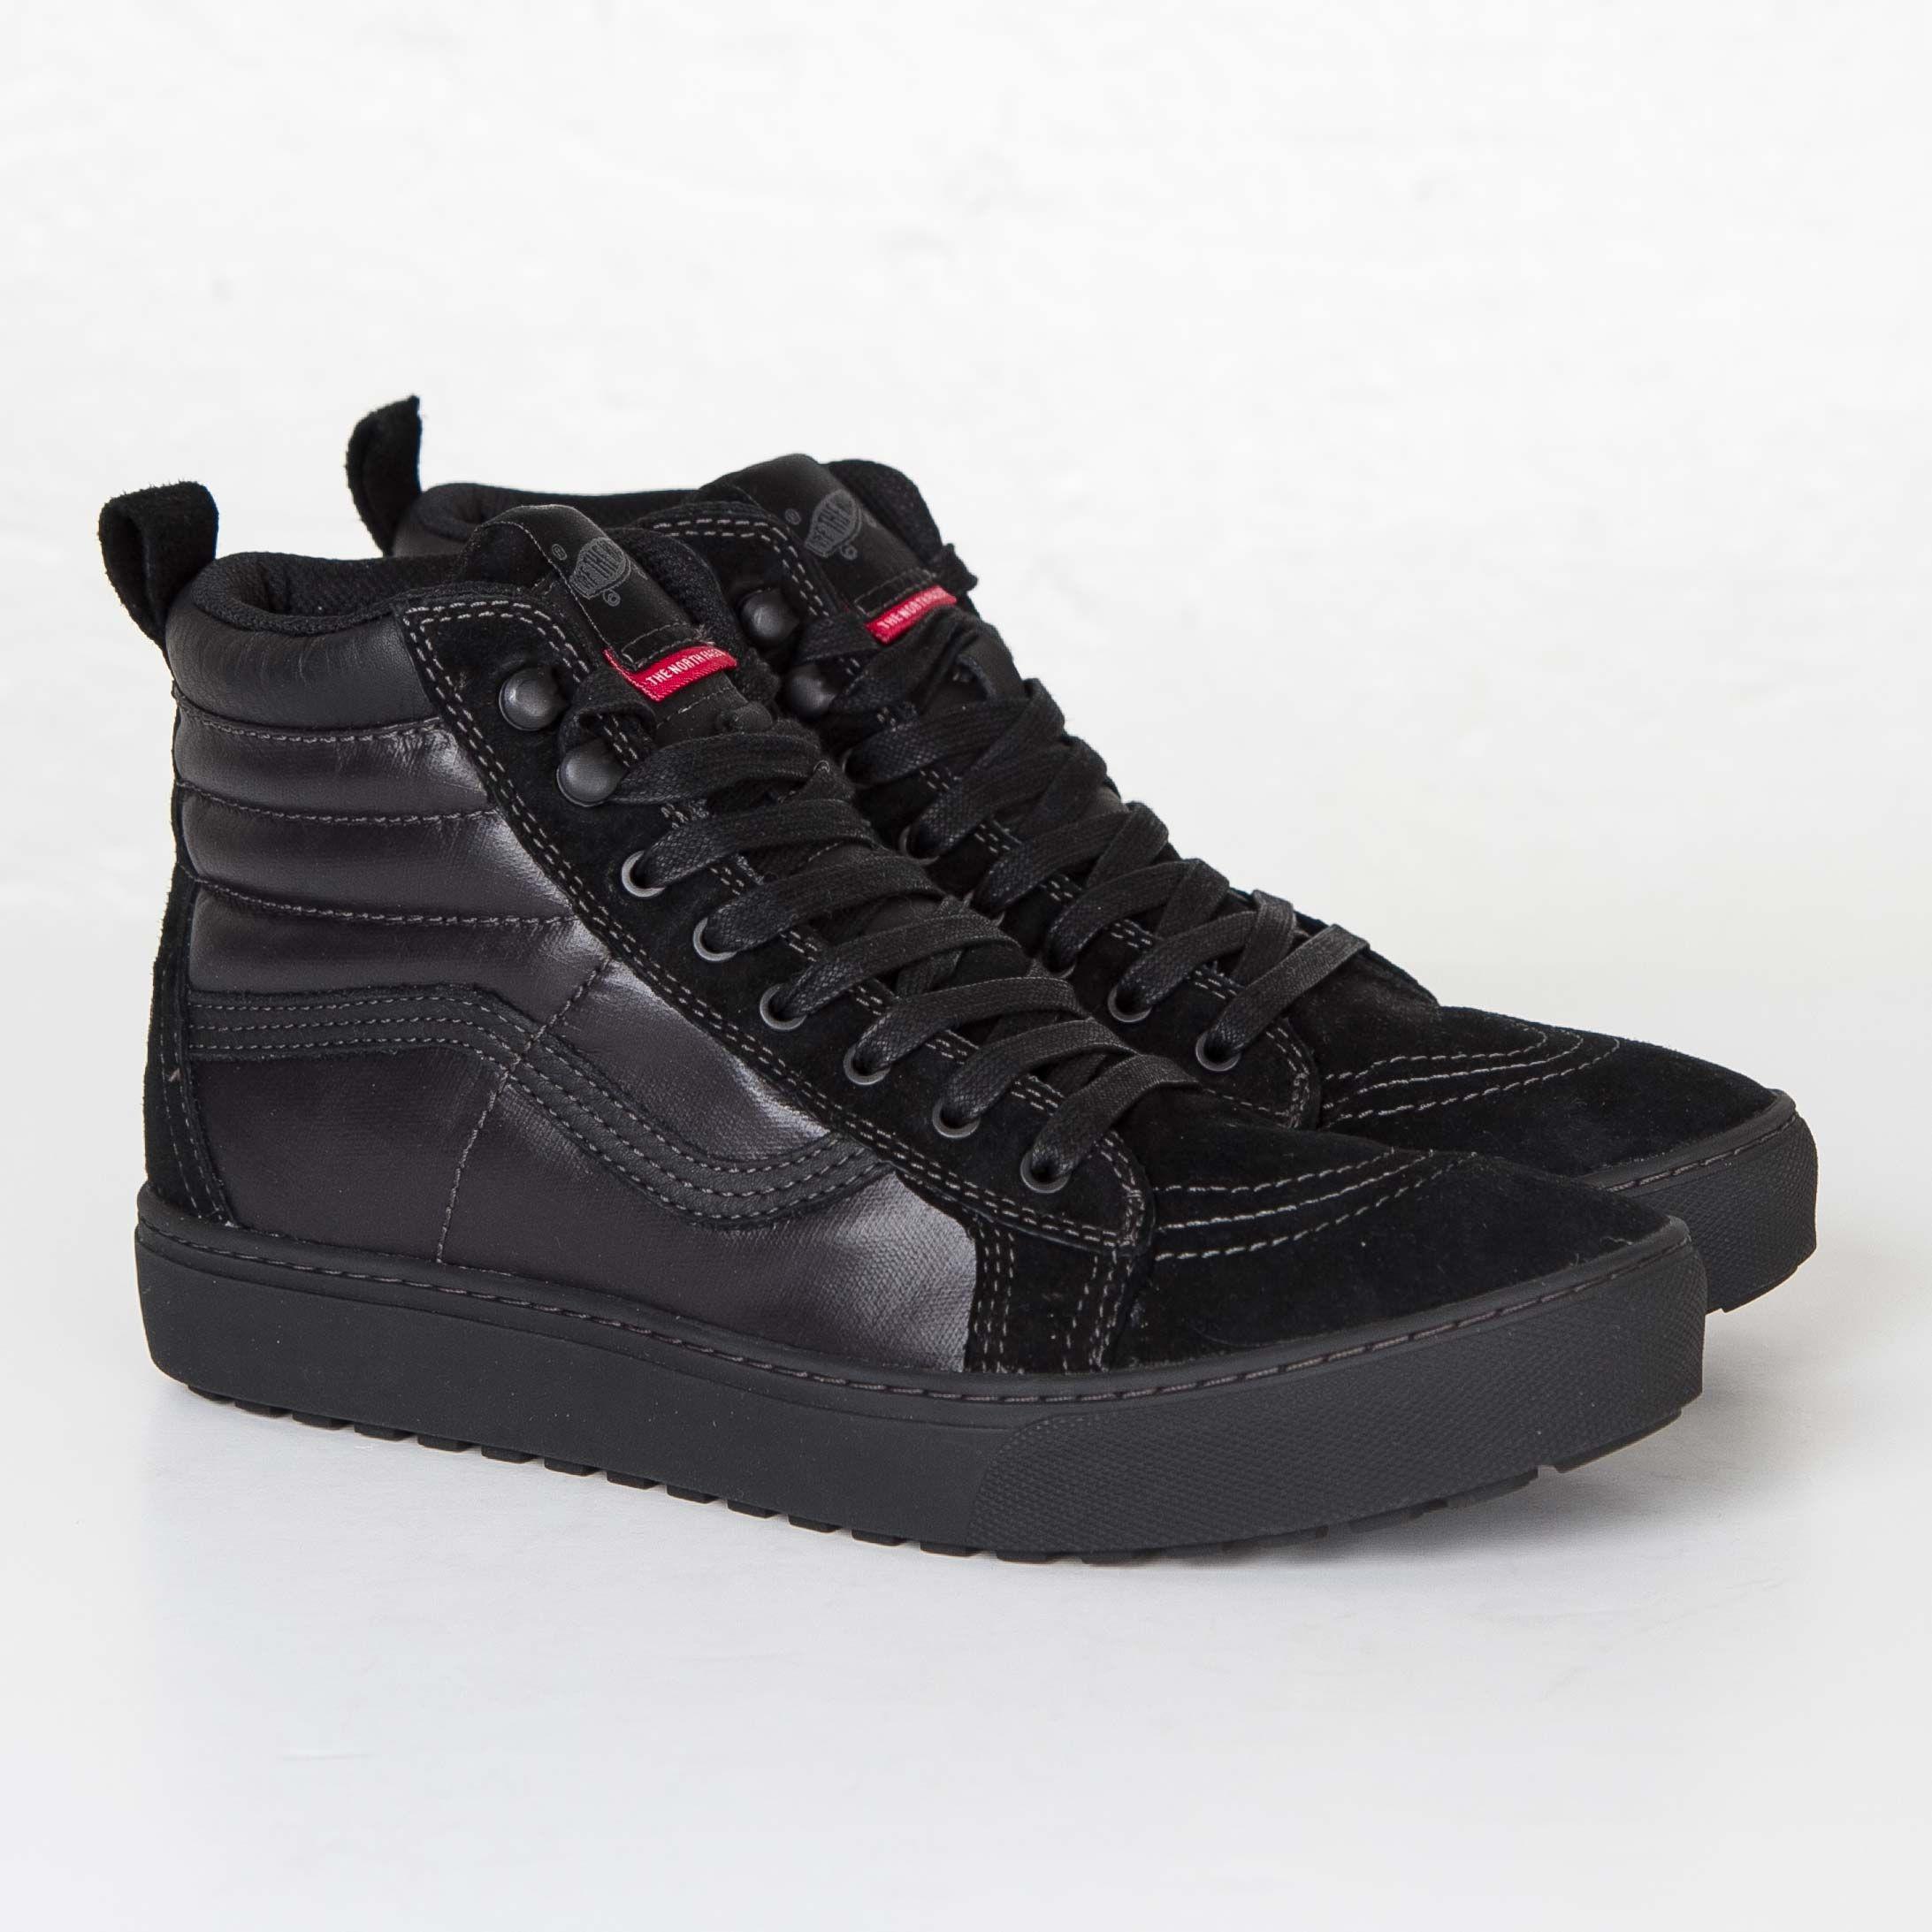 02fc5e55876 Vans Sk8-Hi MTE LX | Sneakers